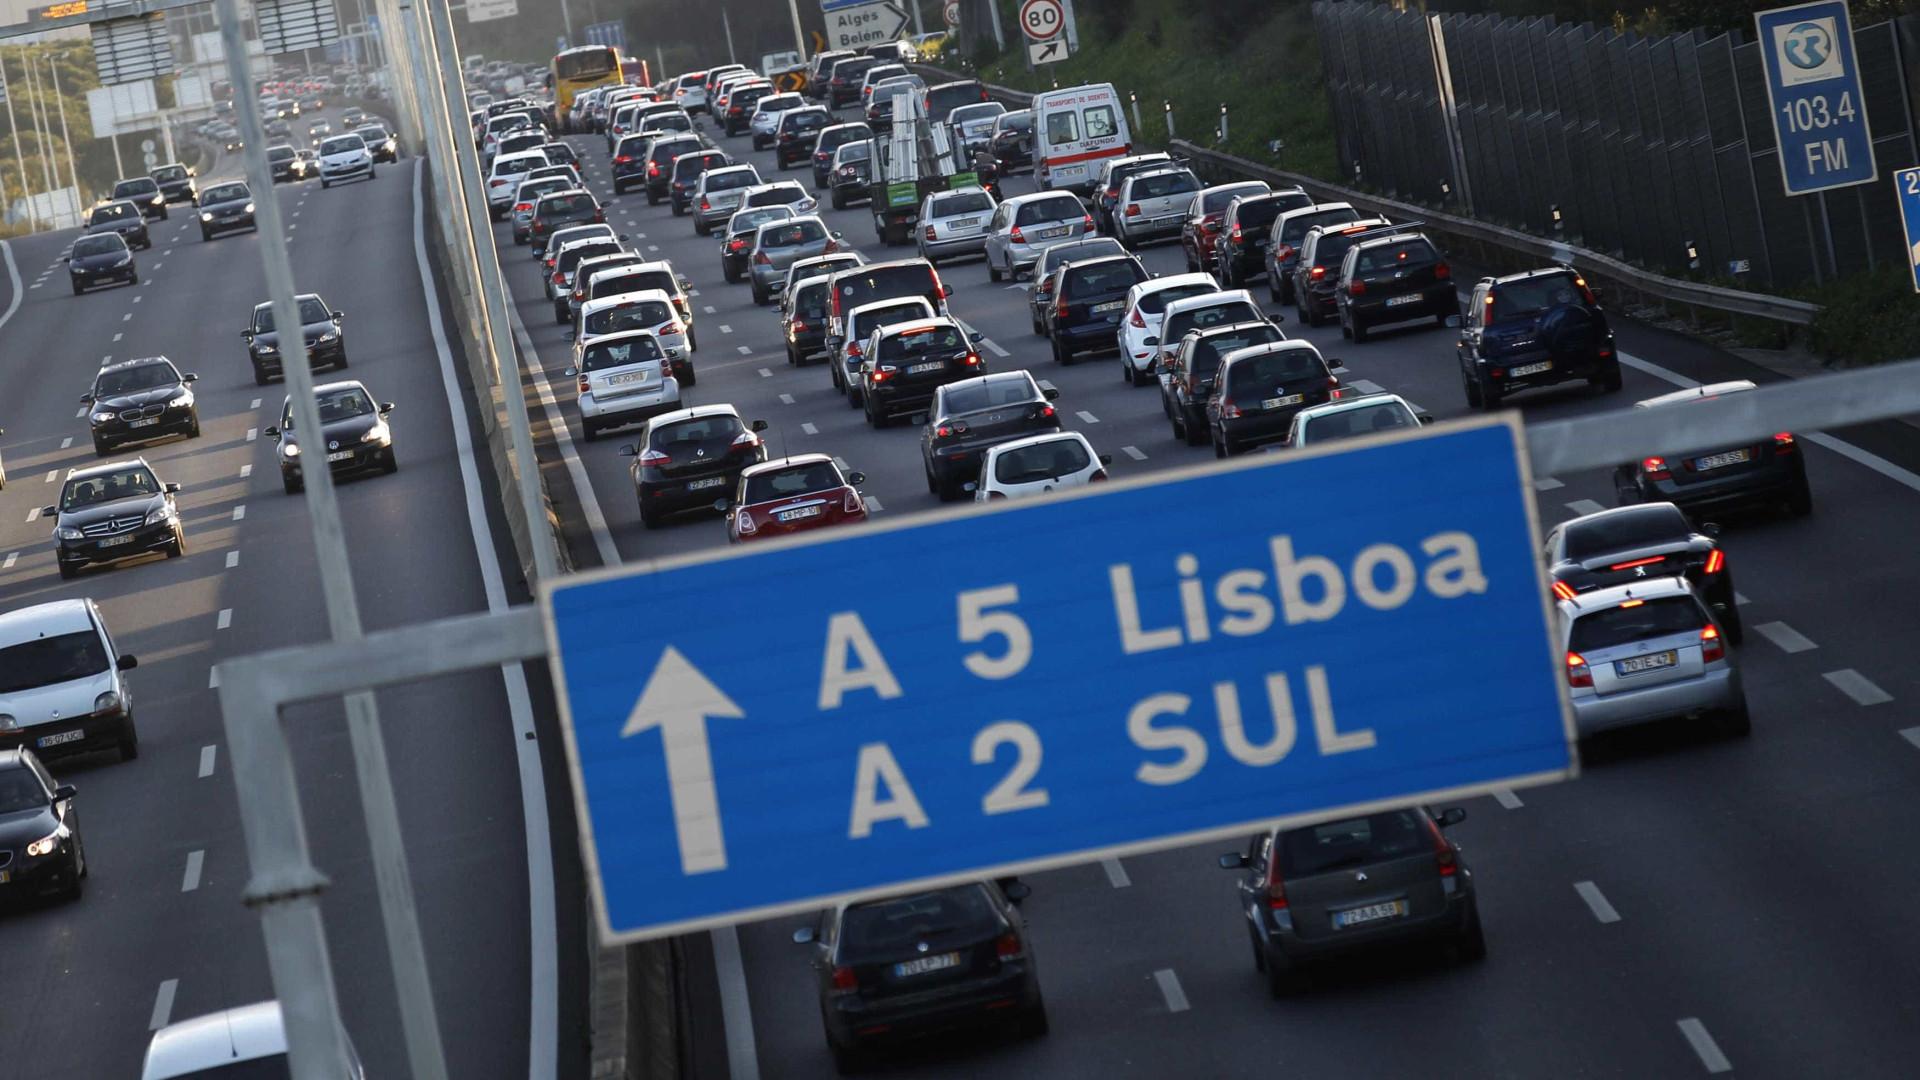 Obras vão condicionar trânsito na A5. Saiba quando